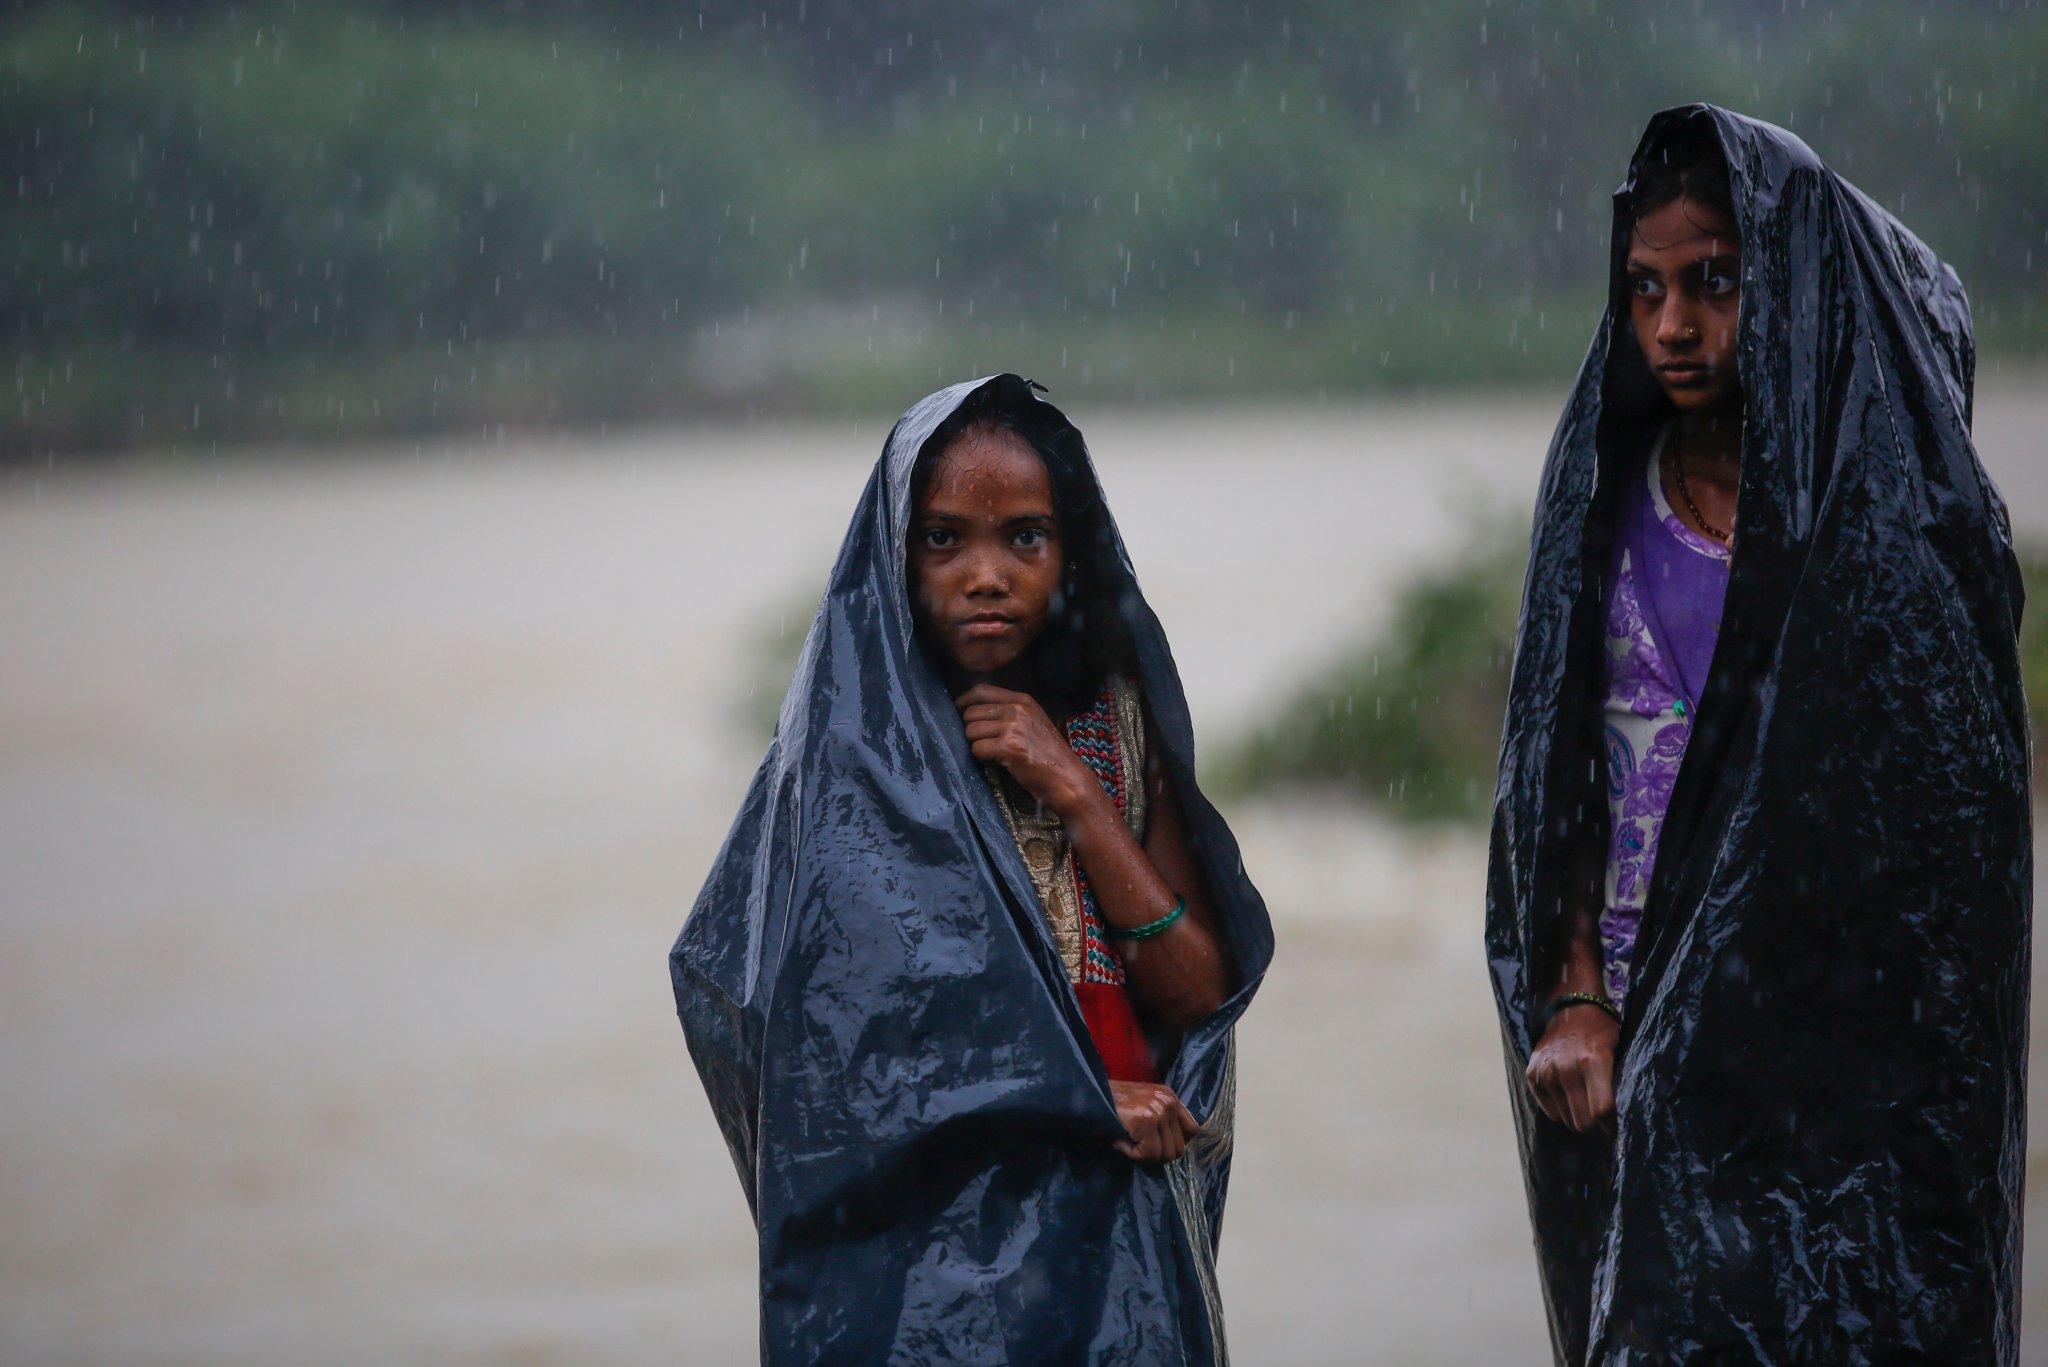 UNICEF Nepal flood